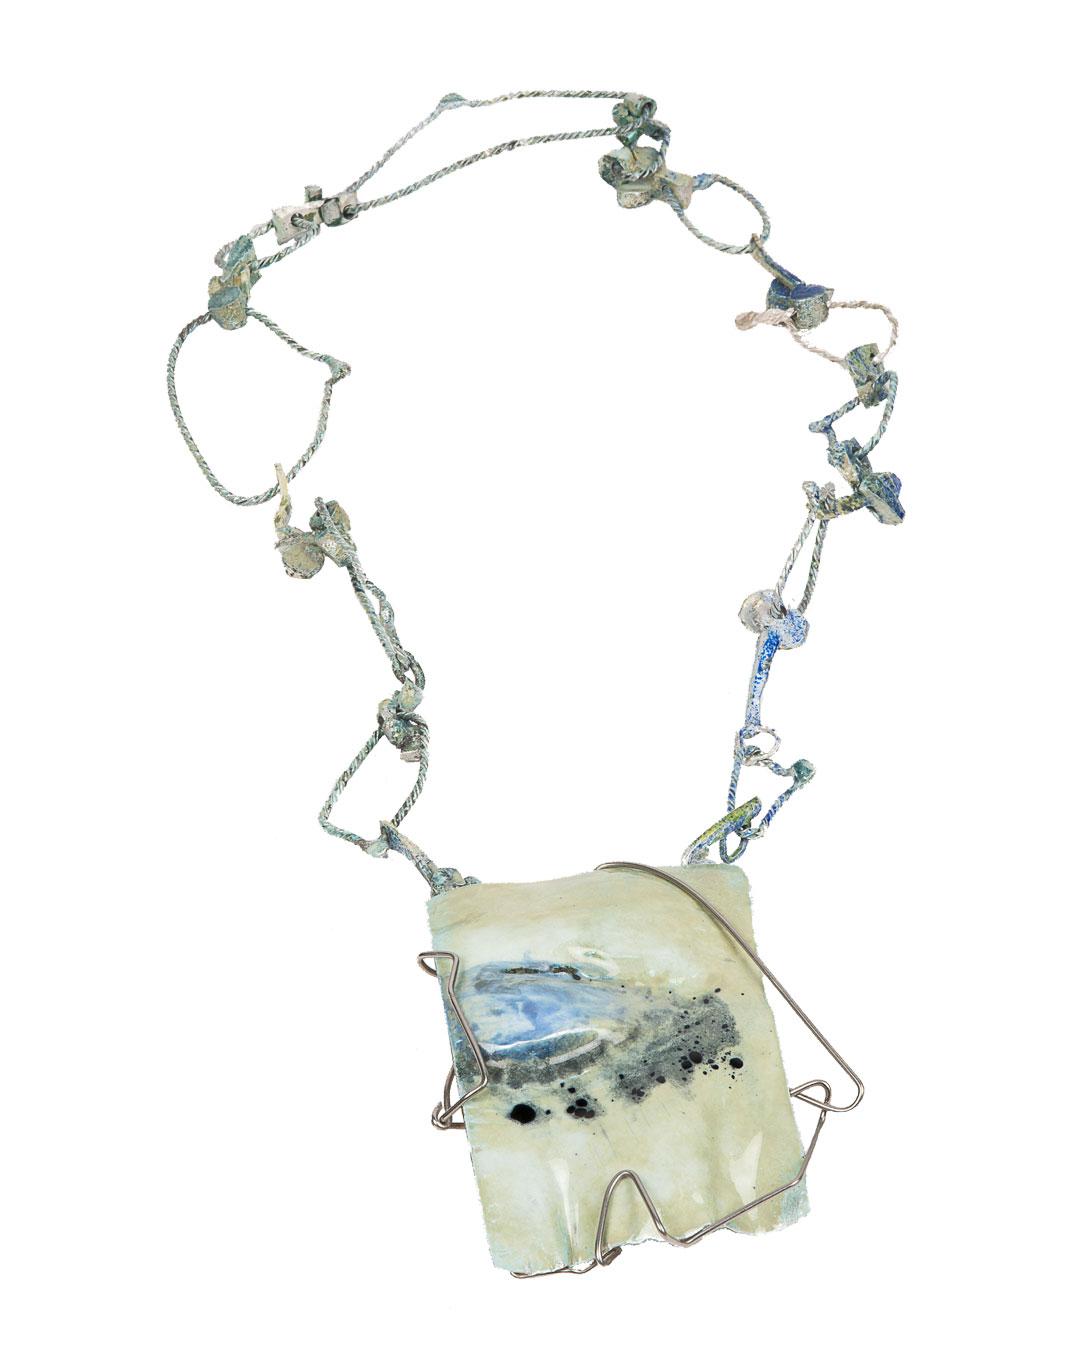 Rudolf Kocéa, Tears, 2019, necklace; fine silver, enamel, stainless steel, pendant: 80 x 110 x 20 mm, L 600 mm, €6500